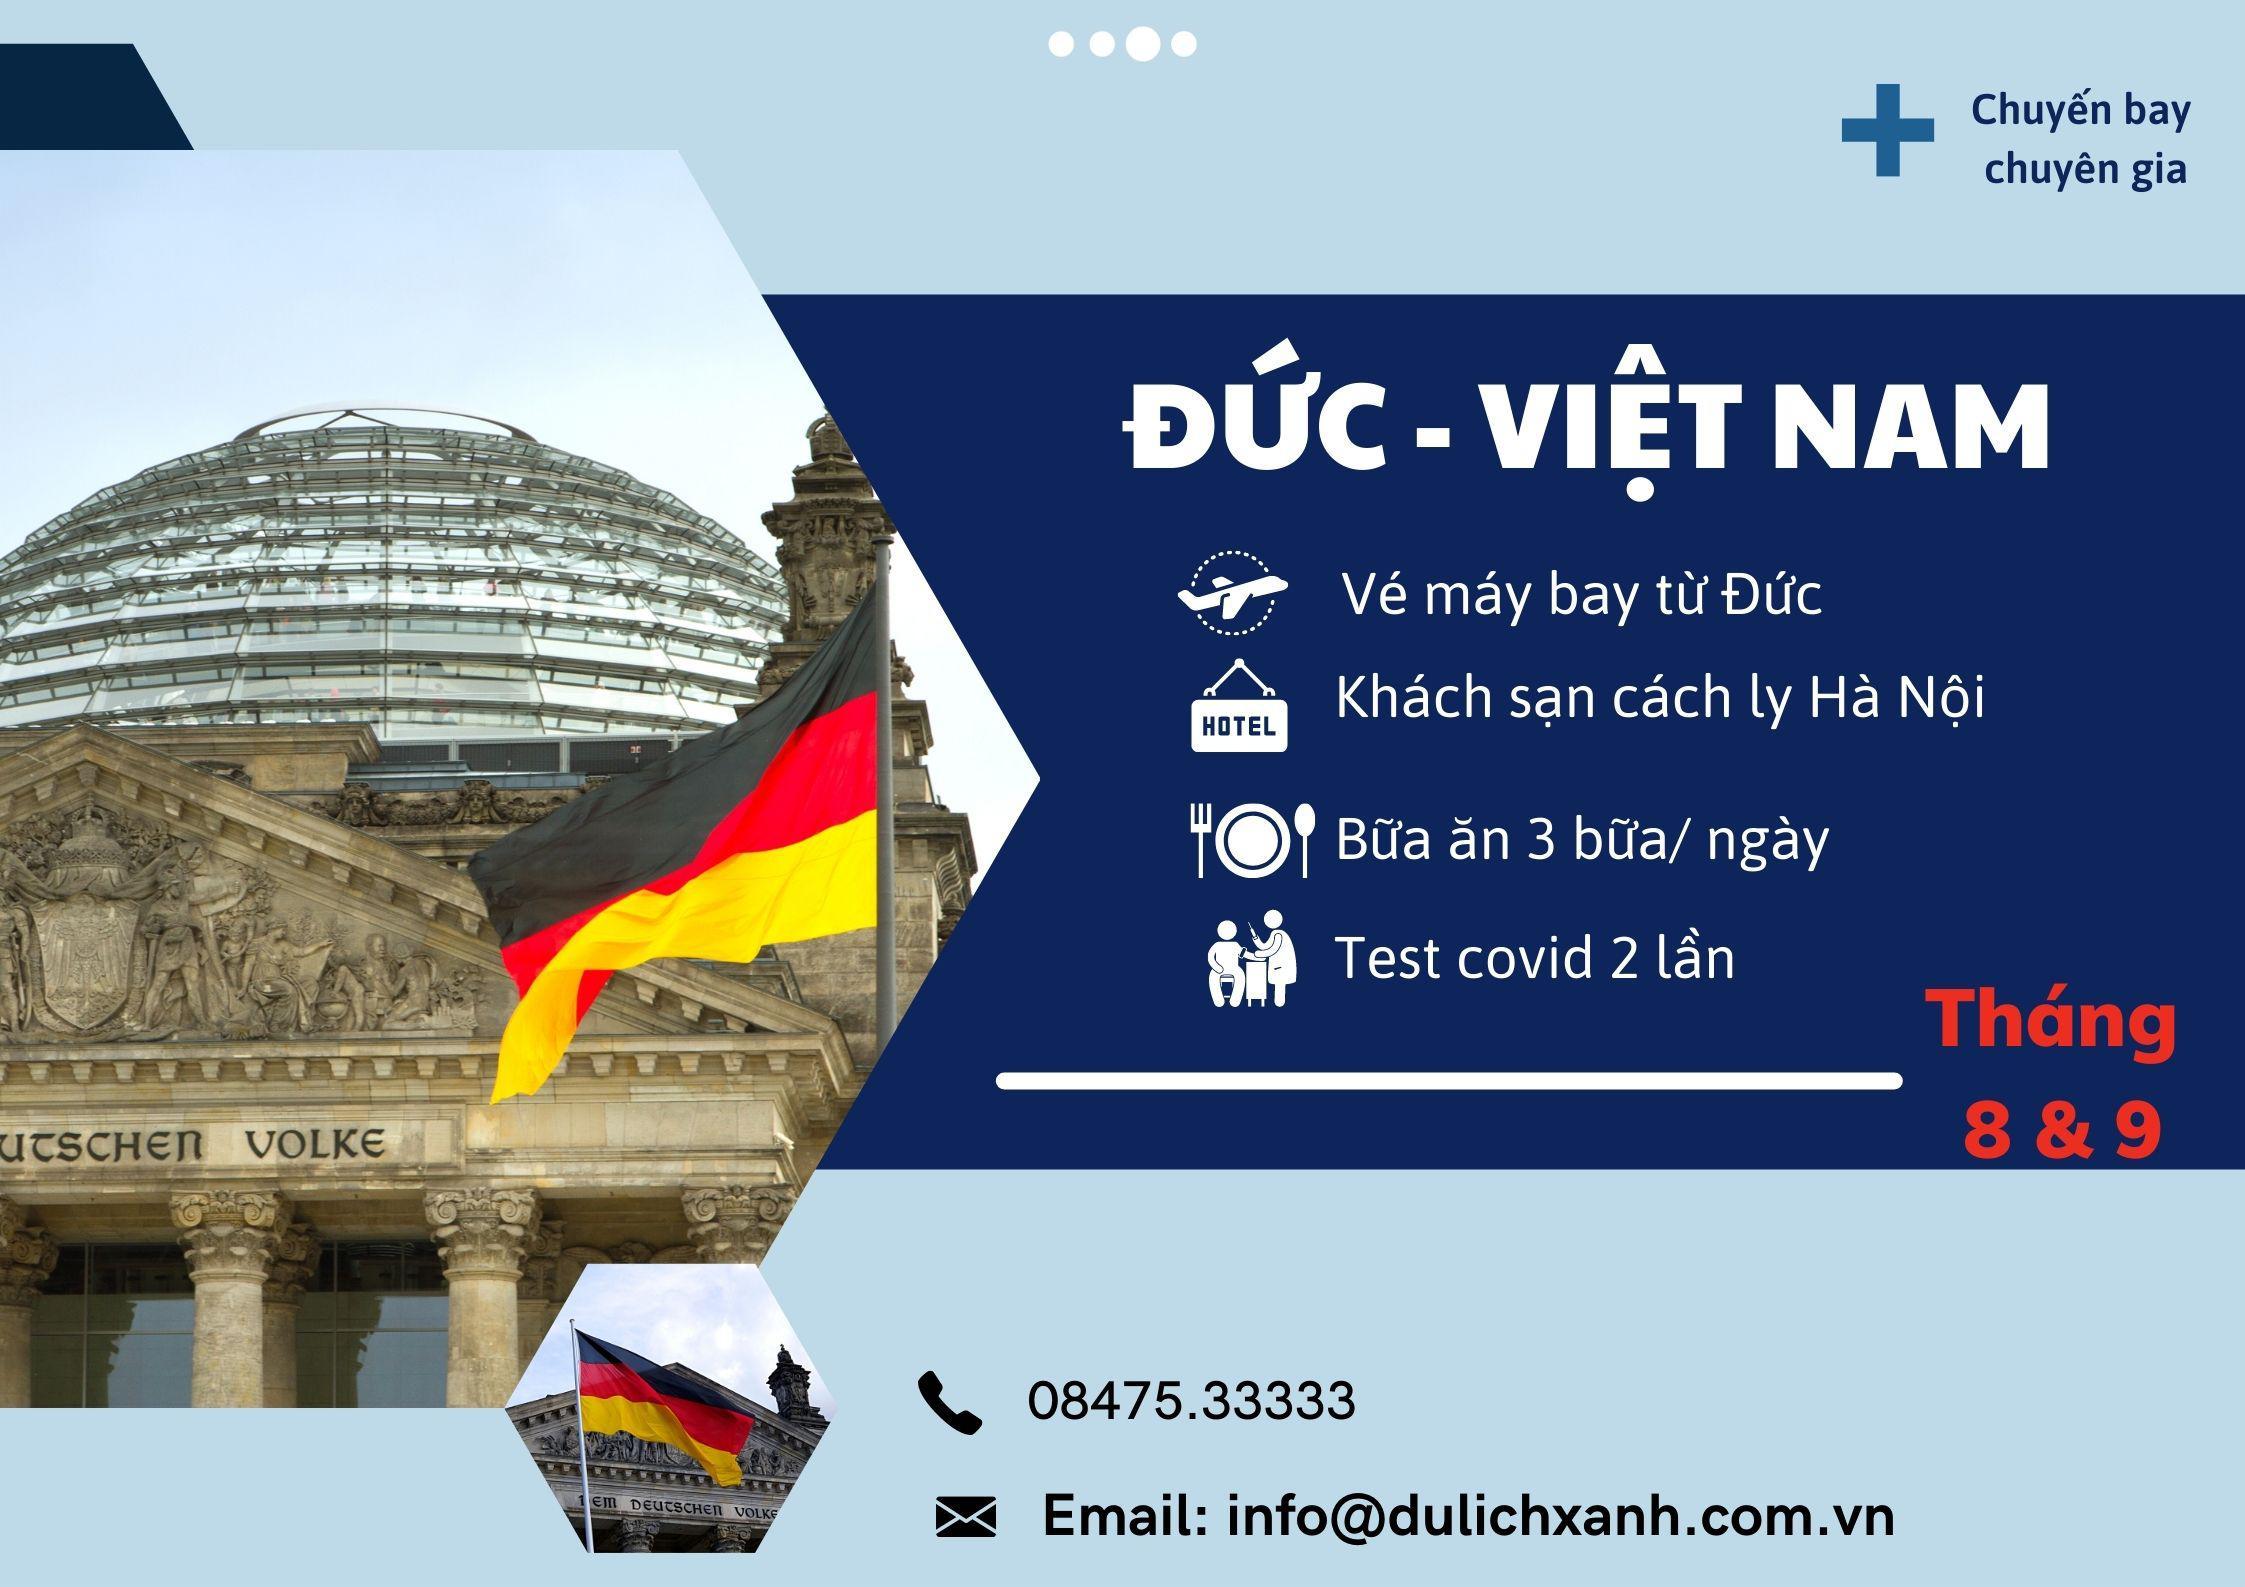 Chuyến bay đón chuyên gia Đức về Việt Nam tháng 8 & 9